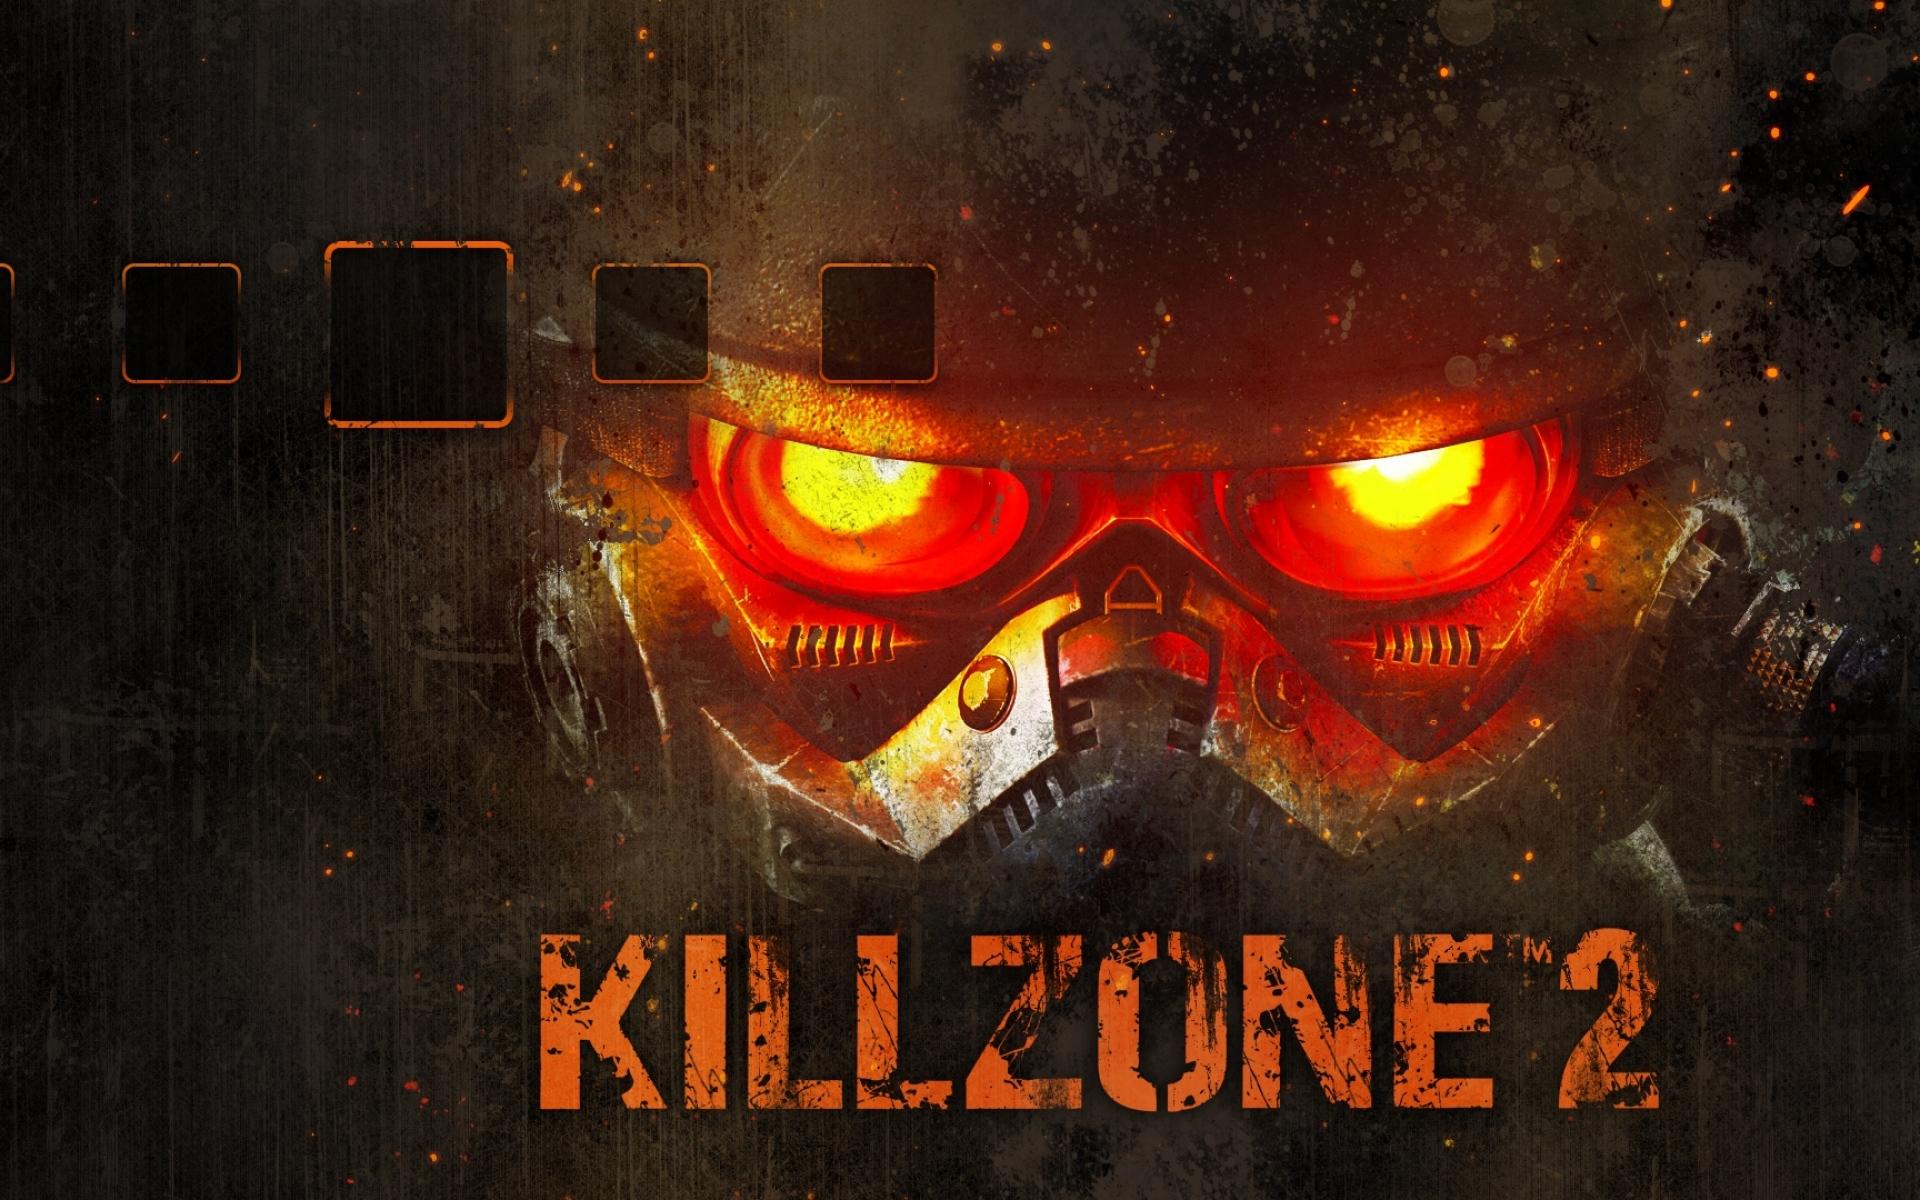 Картинки Killzone 2, глаза, фон, солдат фото и обои на рабочий стол